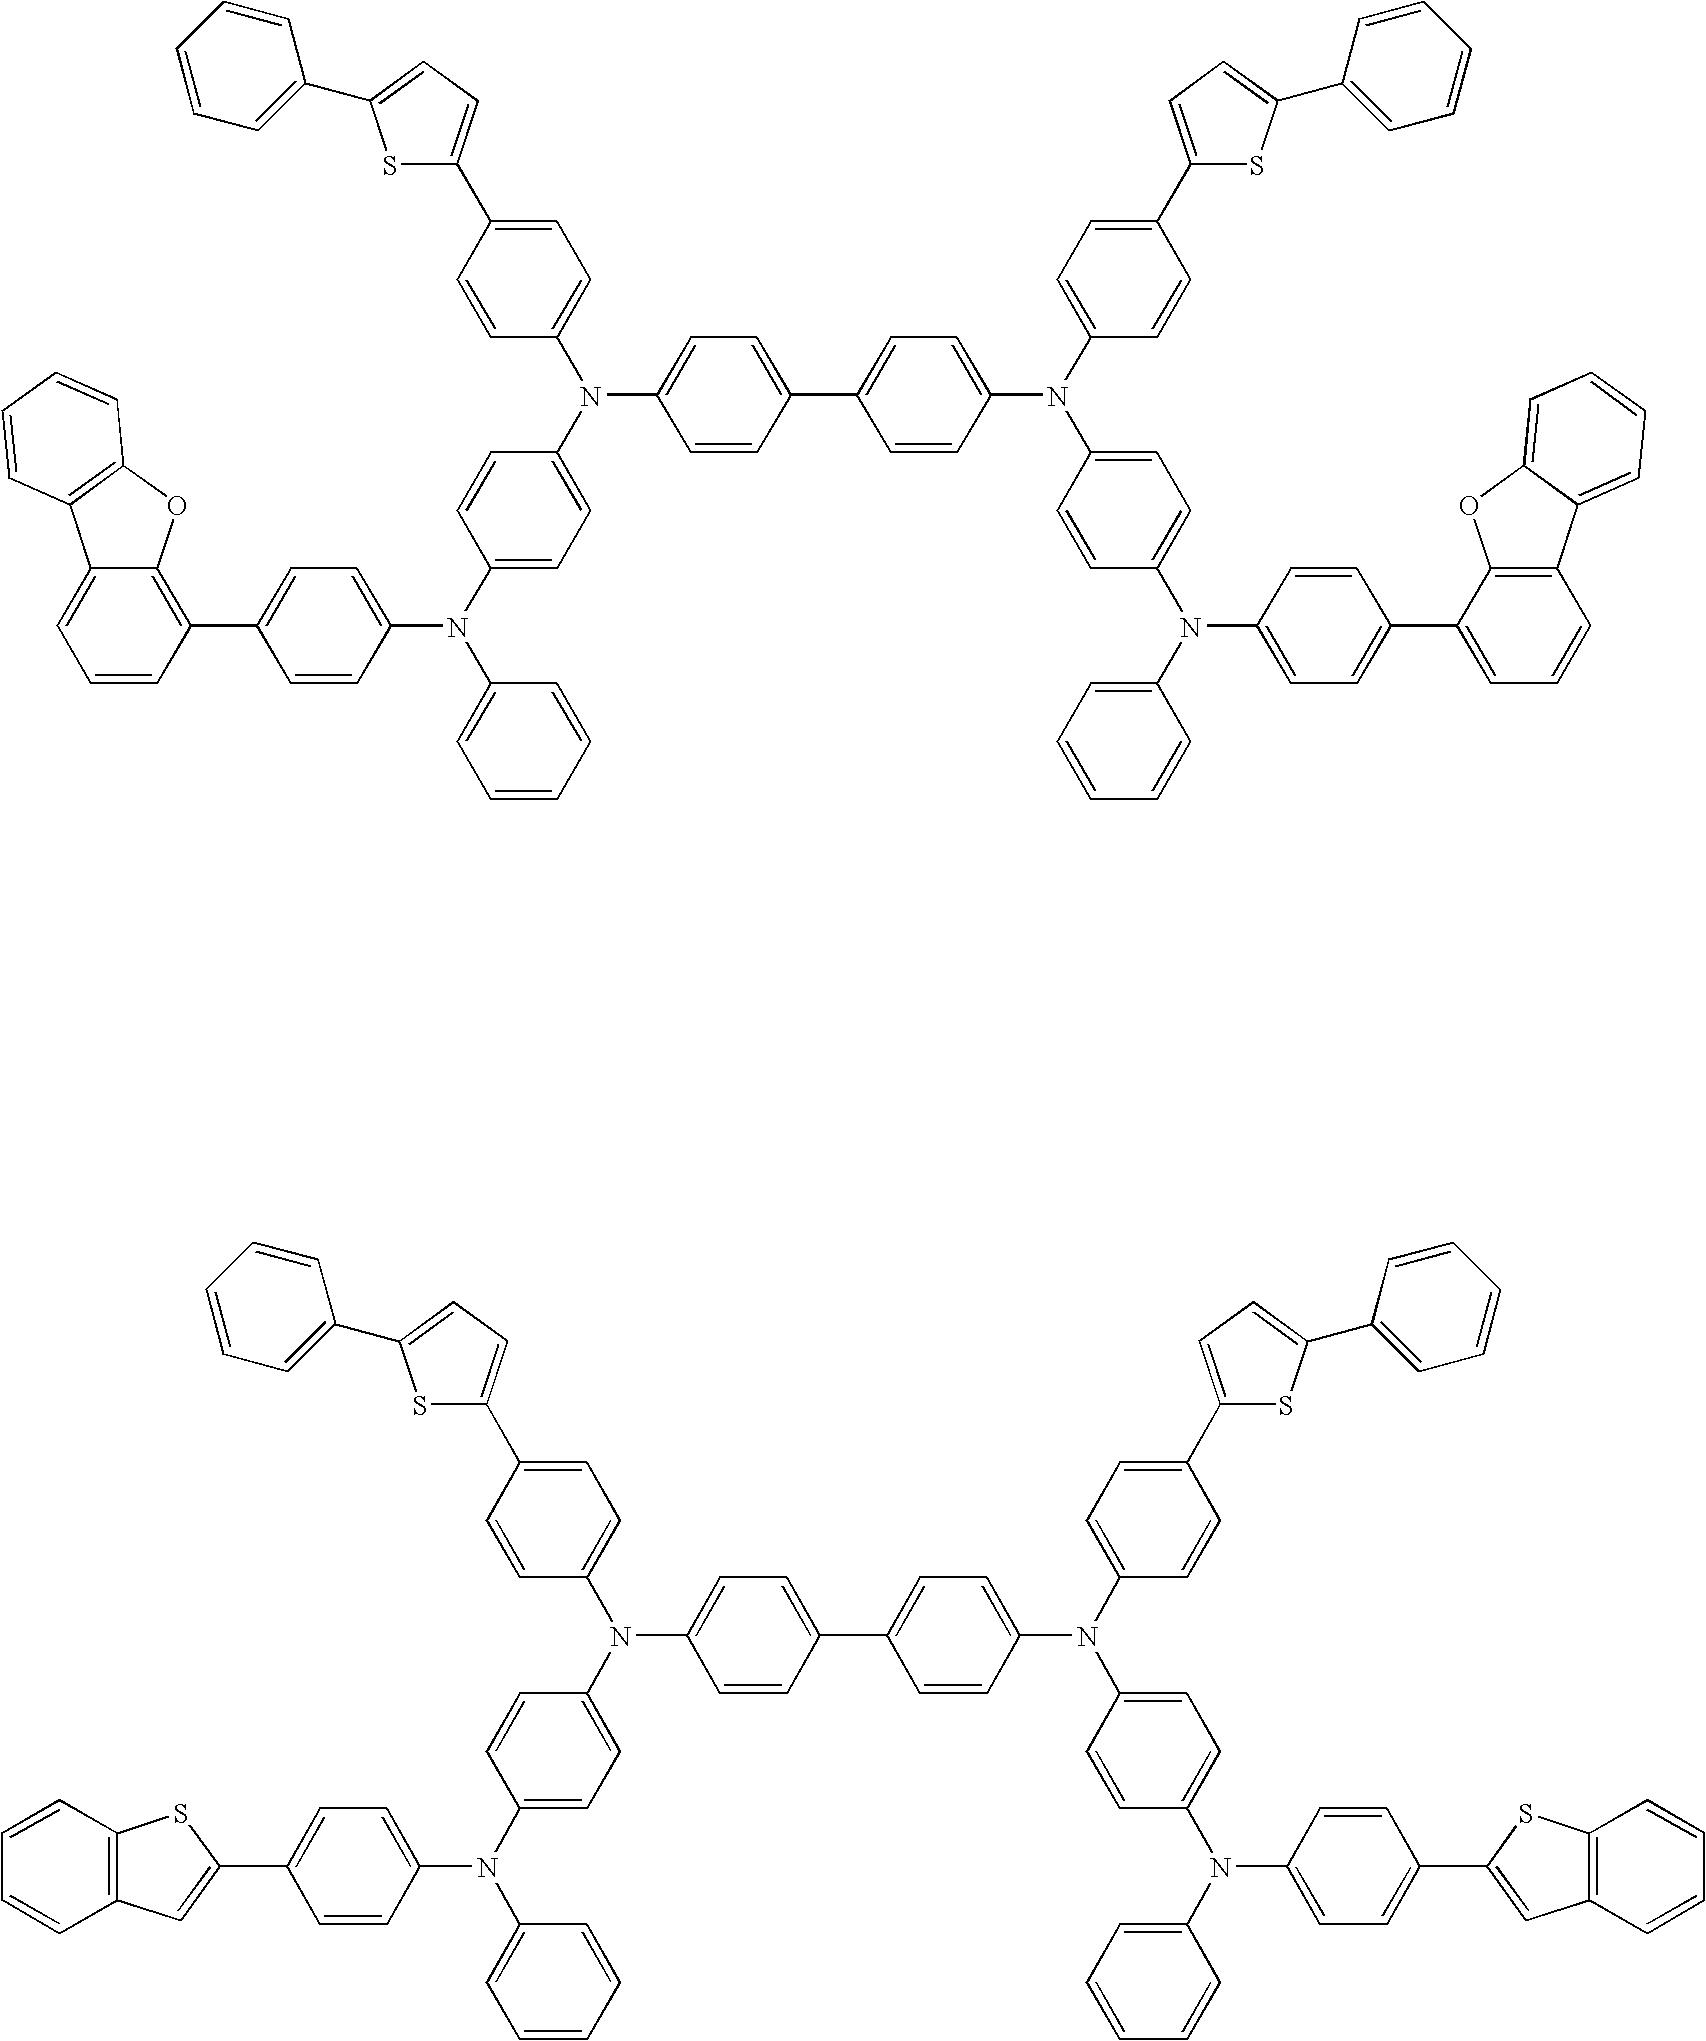 Figure US20090066235A1-20090312-C00048